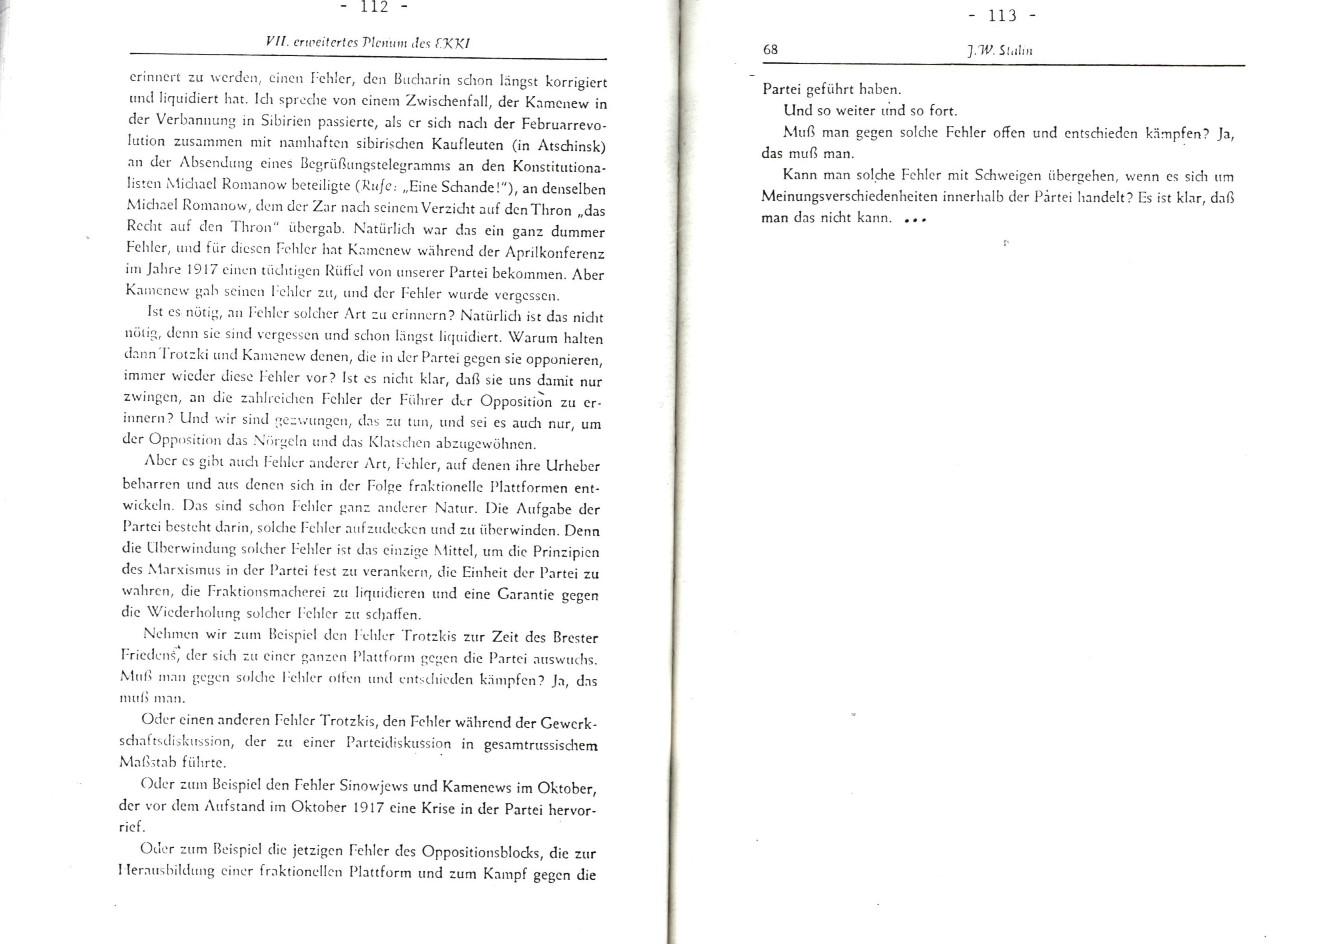 MLSK_Theorie_und_Praxis_des_ML_1979_25_57